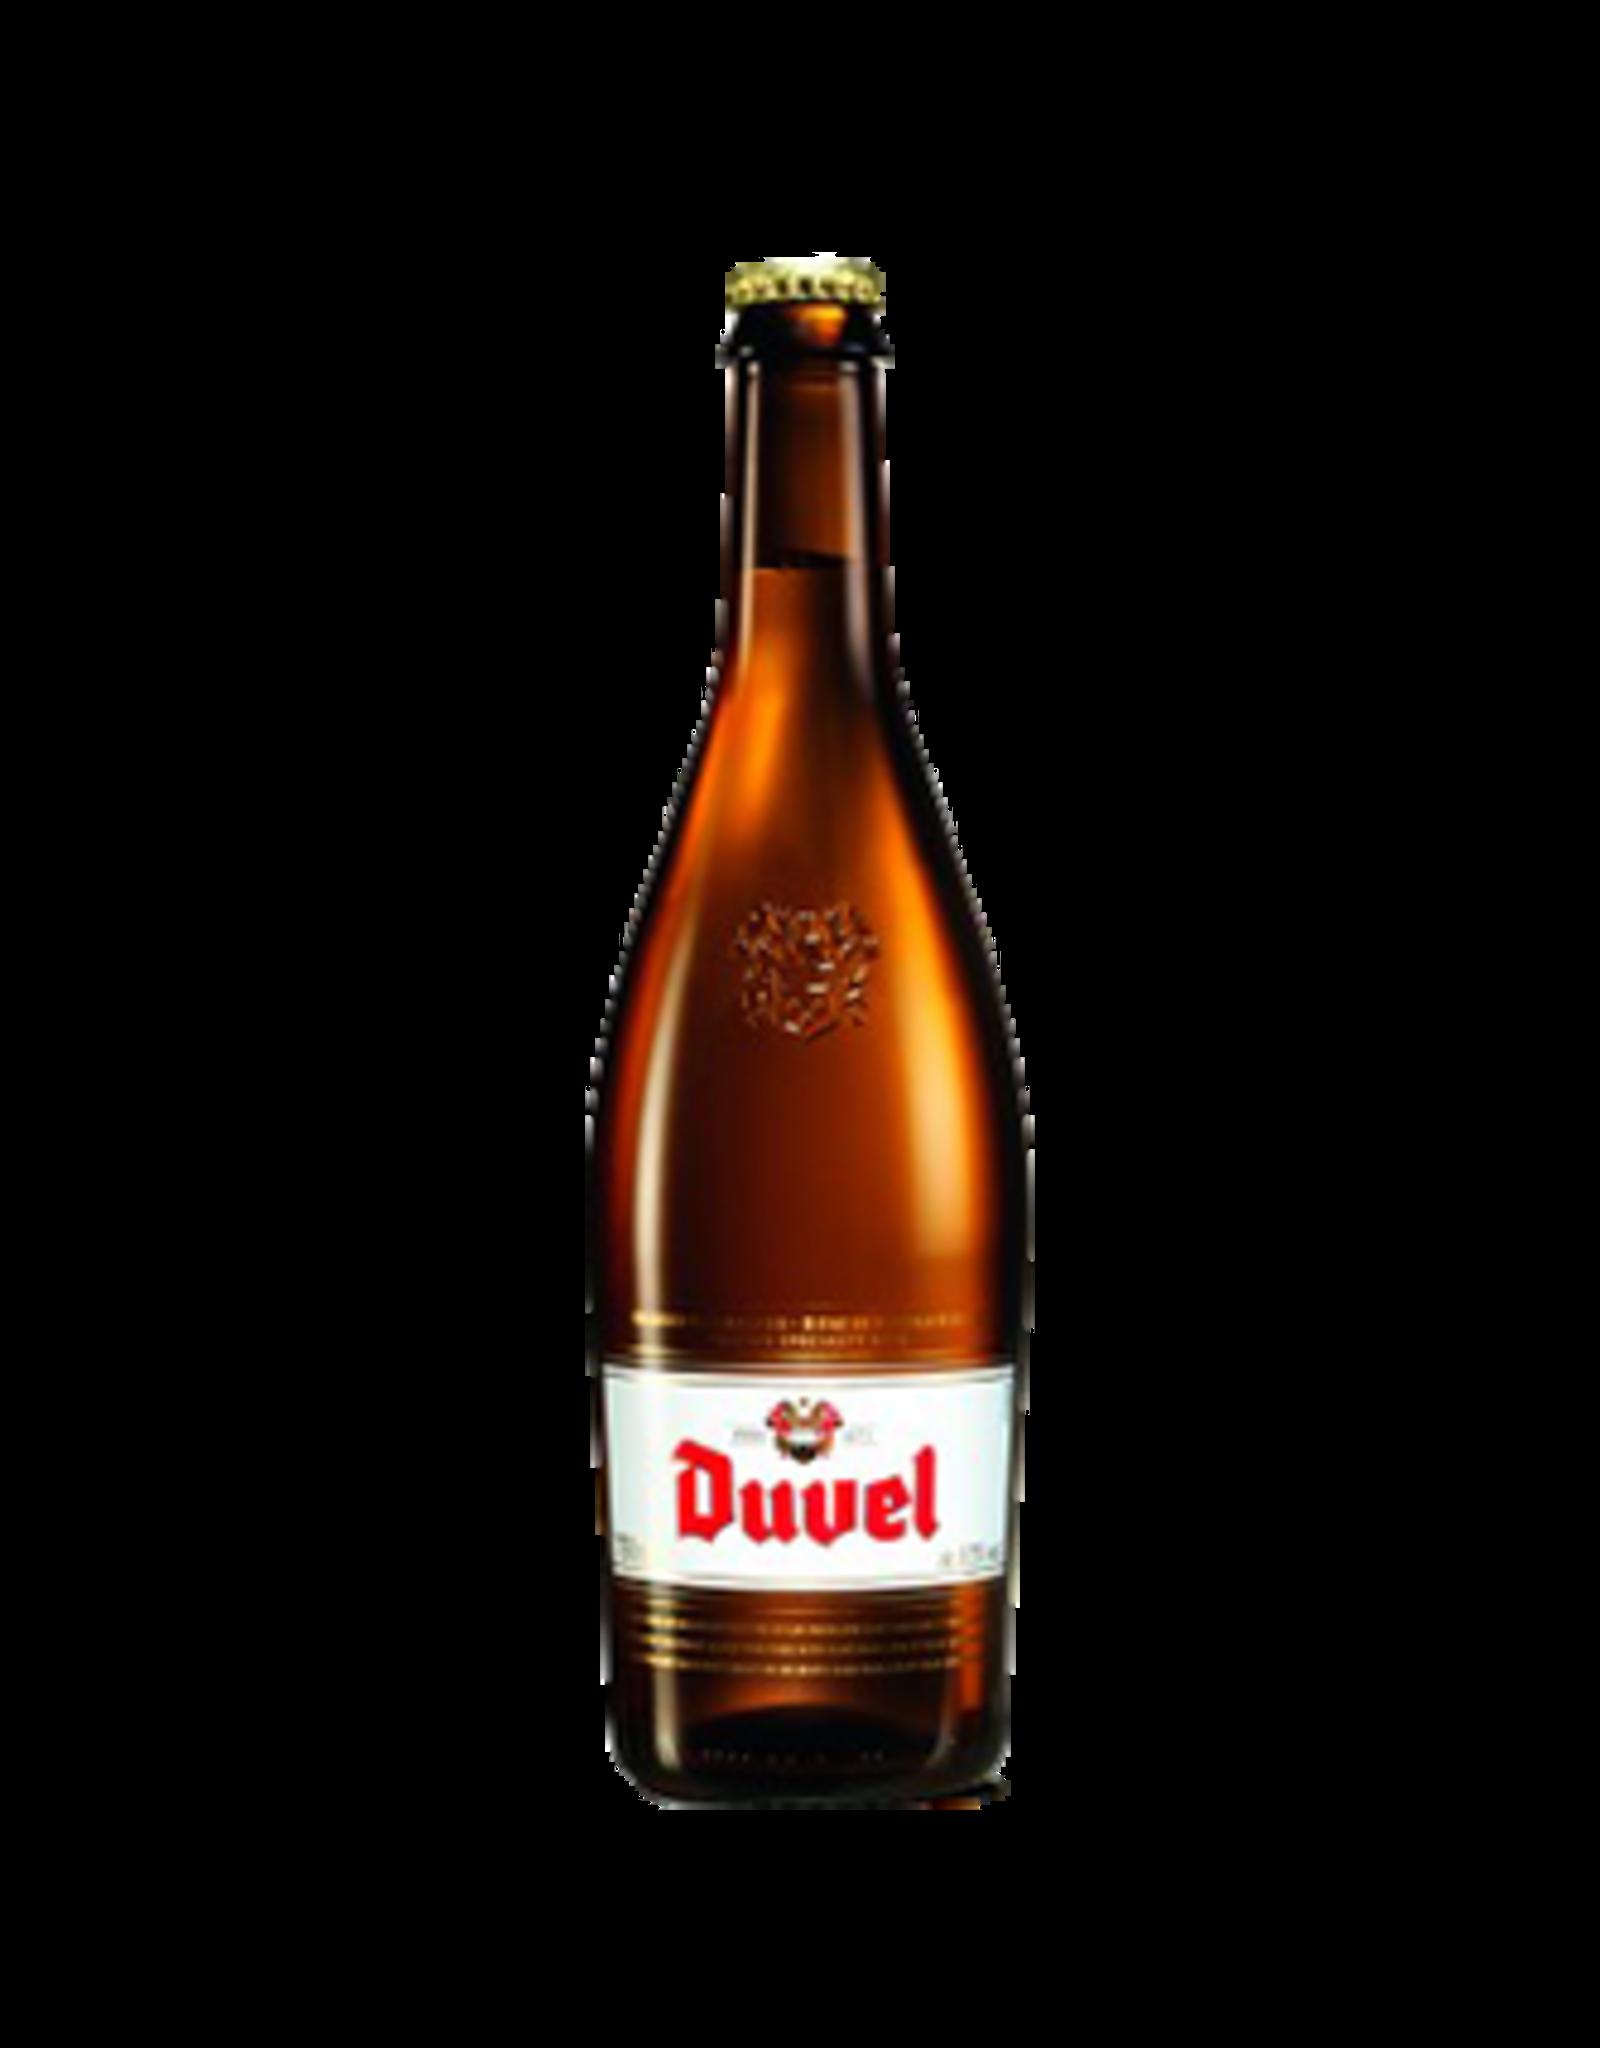 Duvel Duvel 750ml